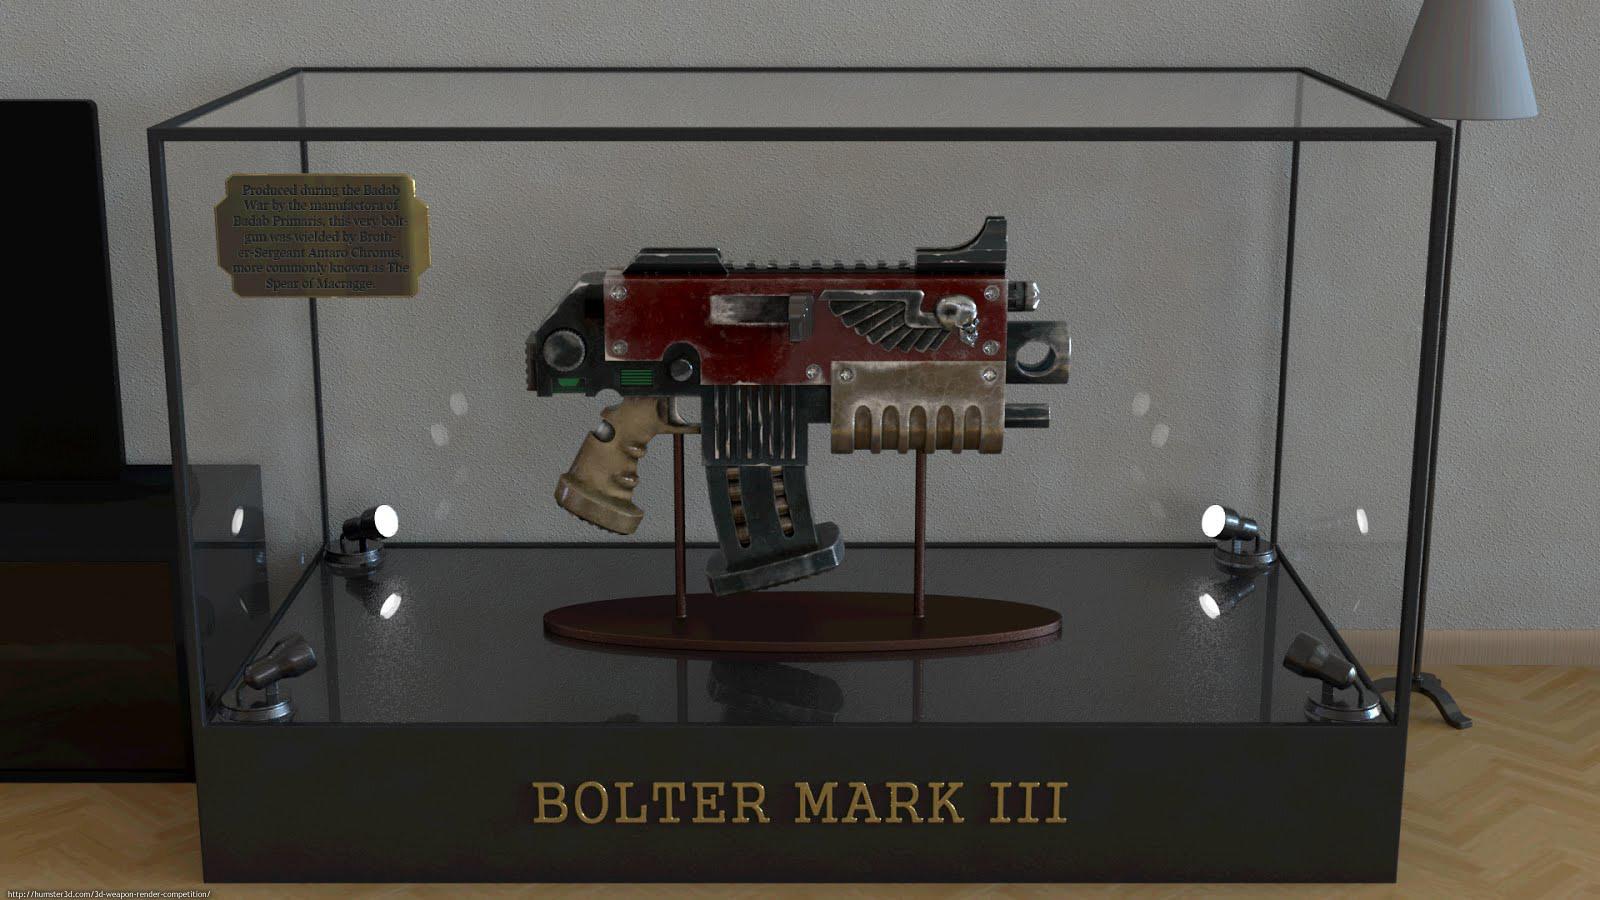 Bolter Mark III 3d art